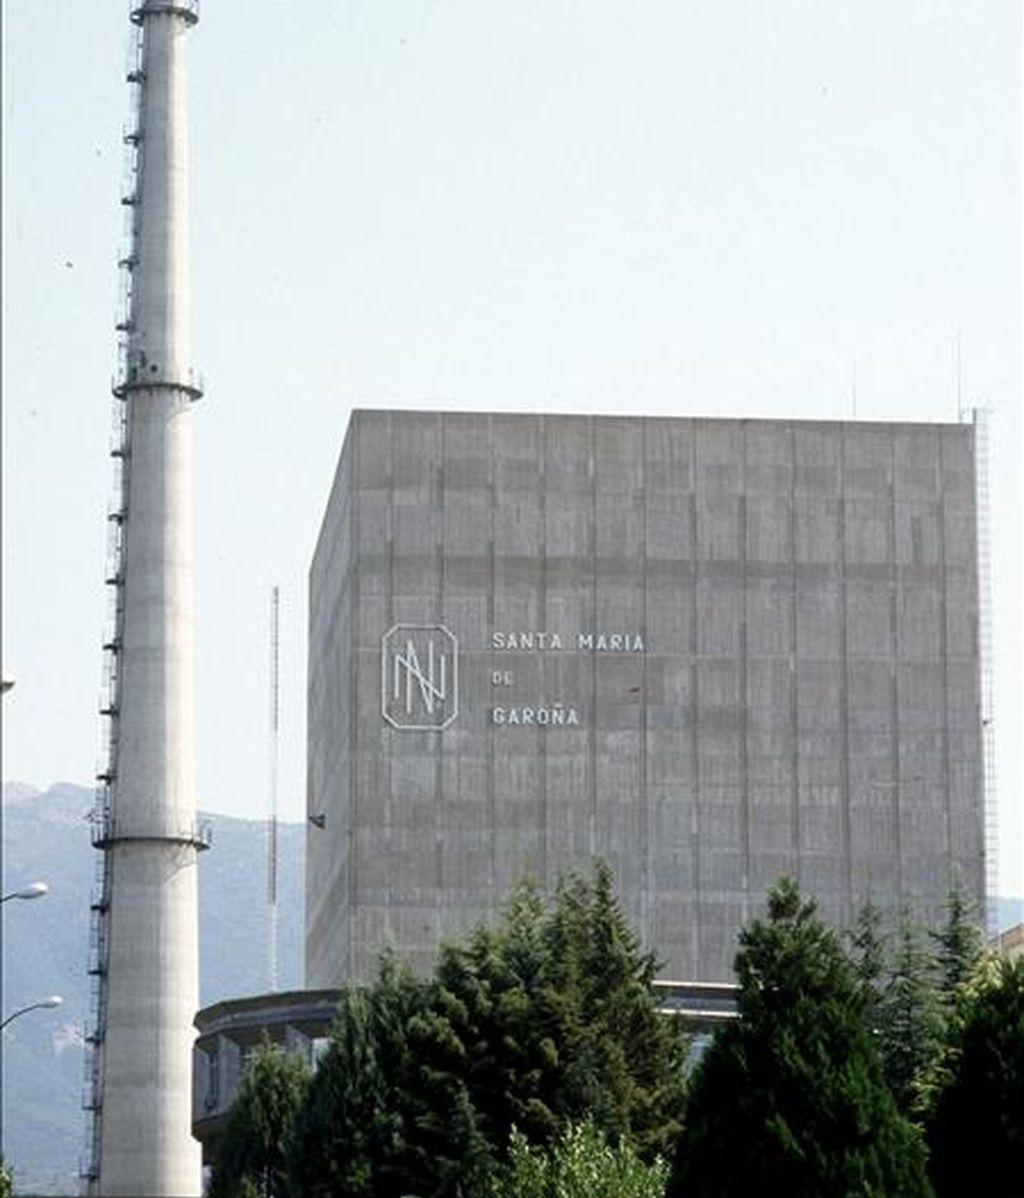 El pleno del Consejo de Seguridad Nuclear (CSN) ha interrumpido la discusión sobre la continuidad de la central nuclear de Garoña (Burgos) y ha dejado para mañana, fecha límite, la decisión sobre esta instalación, han informado fuentes de este organismo. EFE/Archivo